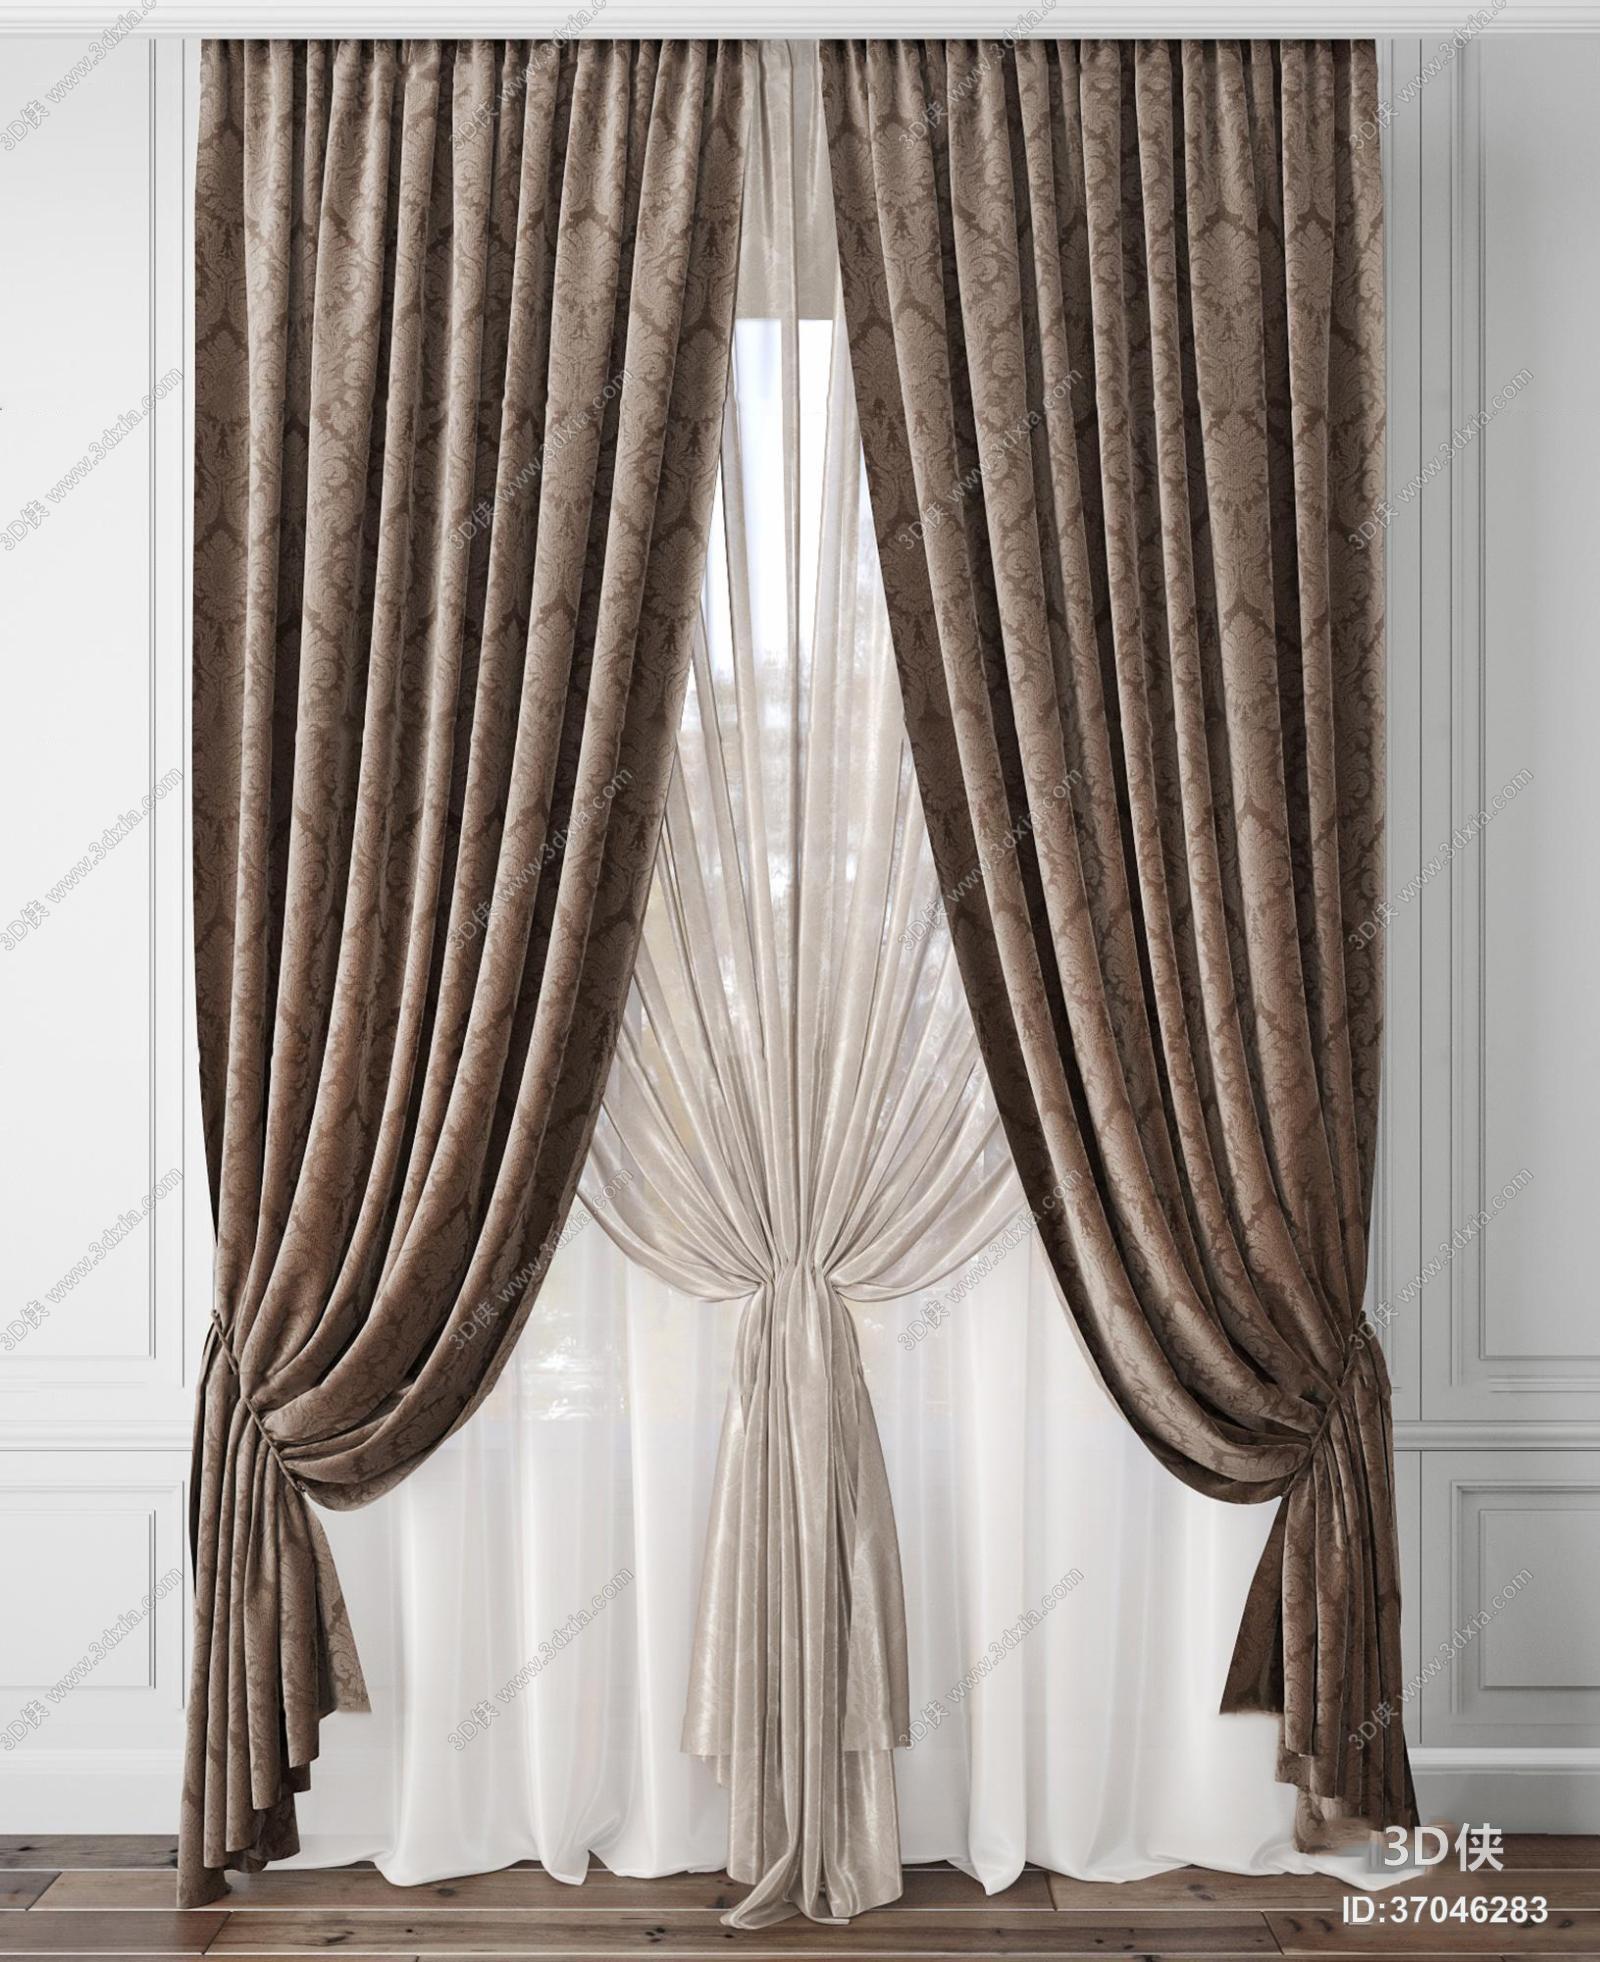 2012版本,建议使用3dmax 2012 软件打开,该现代风格窗帘家纺图片素材